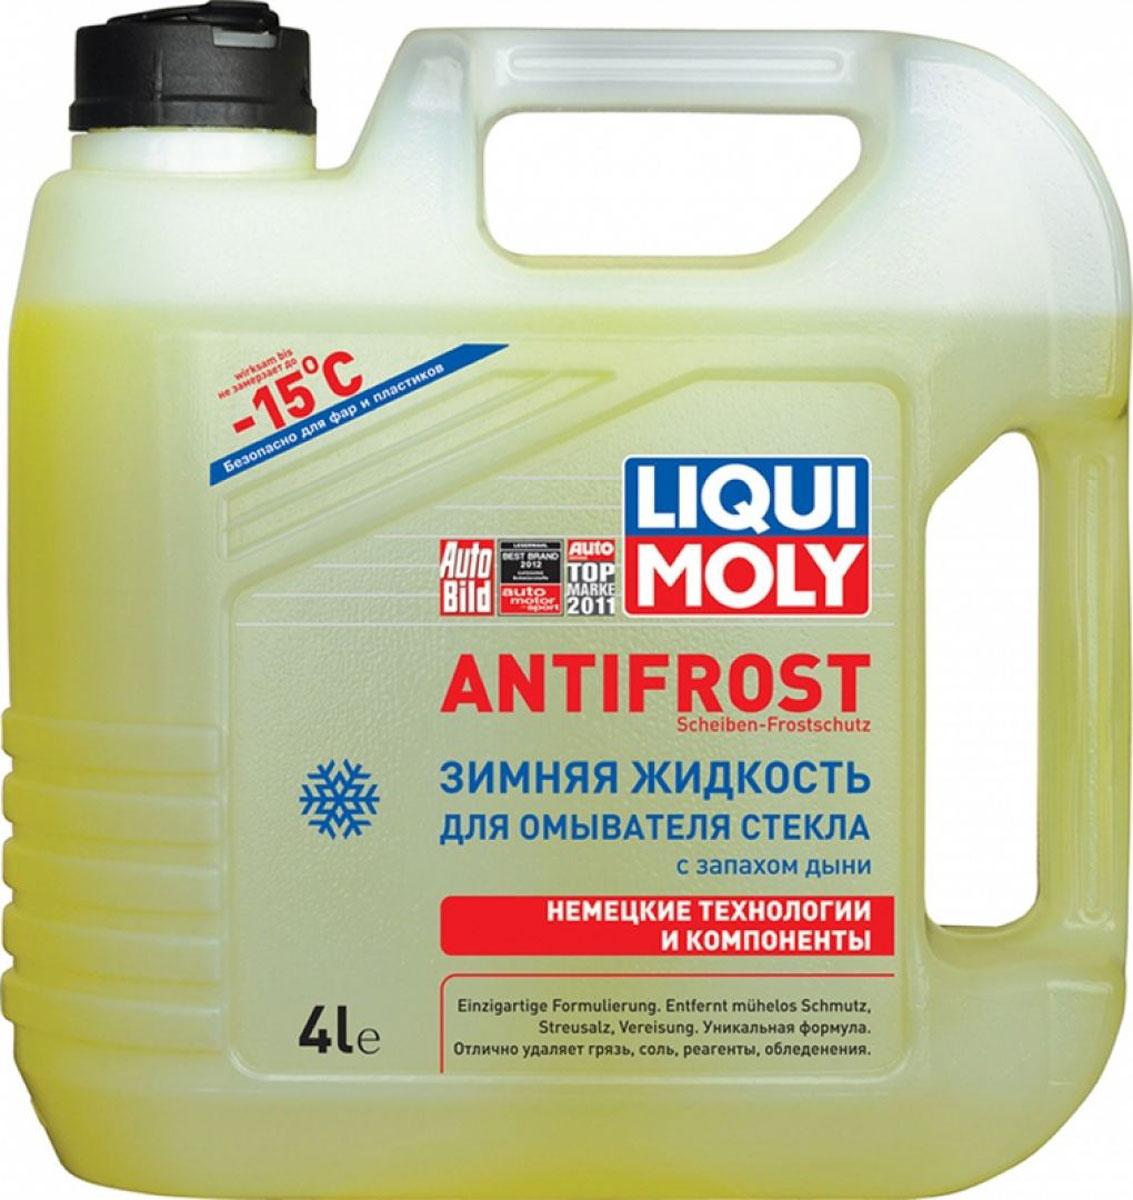 Жидкость для омывателя Liqui Moly Antifrost Scheiben-Frostschutz -15, зимняя, 4 л00649Жидкость для омывателя Liqui Moly Antifrost Scheiben-Frostschutz -15 изготавливается по рецептуре LIQUI MOLY GmbH из эксклюзивных немецких компонентов. Предназначена для очистки переднего ветрового стекла и стёкол фар от снега, льда, антигололёдных реагентов, копоти, соли и грязи. Не оставляет разводов и следов на поверхностях после прохода стеклоочистителей и высыхания. Обладает приятным запахом Дыни.Жидкость желтого цвета на базе изопропилового спирта, ПАВ и специальных присадок.- Отлично очищает ветровые стекла и стекла фар от снега, льда, антигололёдных реагентов, копоти, соли и грязи;- Не оставляет разводов и следов на поверхностях после прохода стеклоочистителей и высыхания;- Обеспечивает плавное скольжение стеклоочистителей;- Обеспечивает сохранность рабочей поверхности от абразивного износа и растрескивания;- Предотвращает помутнение фар;- Нейтральна к лакокрасочным покрытиям, резине и пластиковым деталям автомобиля;- При температуре ниже заявленной густеет, но полностью не замерзает;- Не содержит вредных для здоровья человека составляющих: этилового, метилового спиртов и моноэтиленгликоля (МЭГ).Благодаря специальной немецкой формуле отлично очищает ветровое стекло и фары от загрязнений. Гарантированно работает при заявленных температурах. Безвредна для лакокрасочного покрытия, а так же предотвращает помутнение и потрескивание фар.Товар сертифицирован.